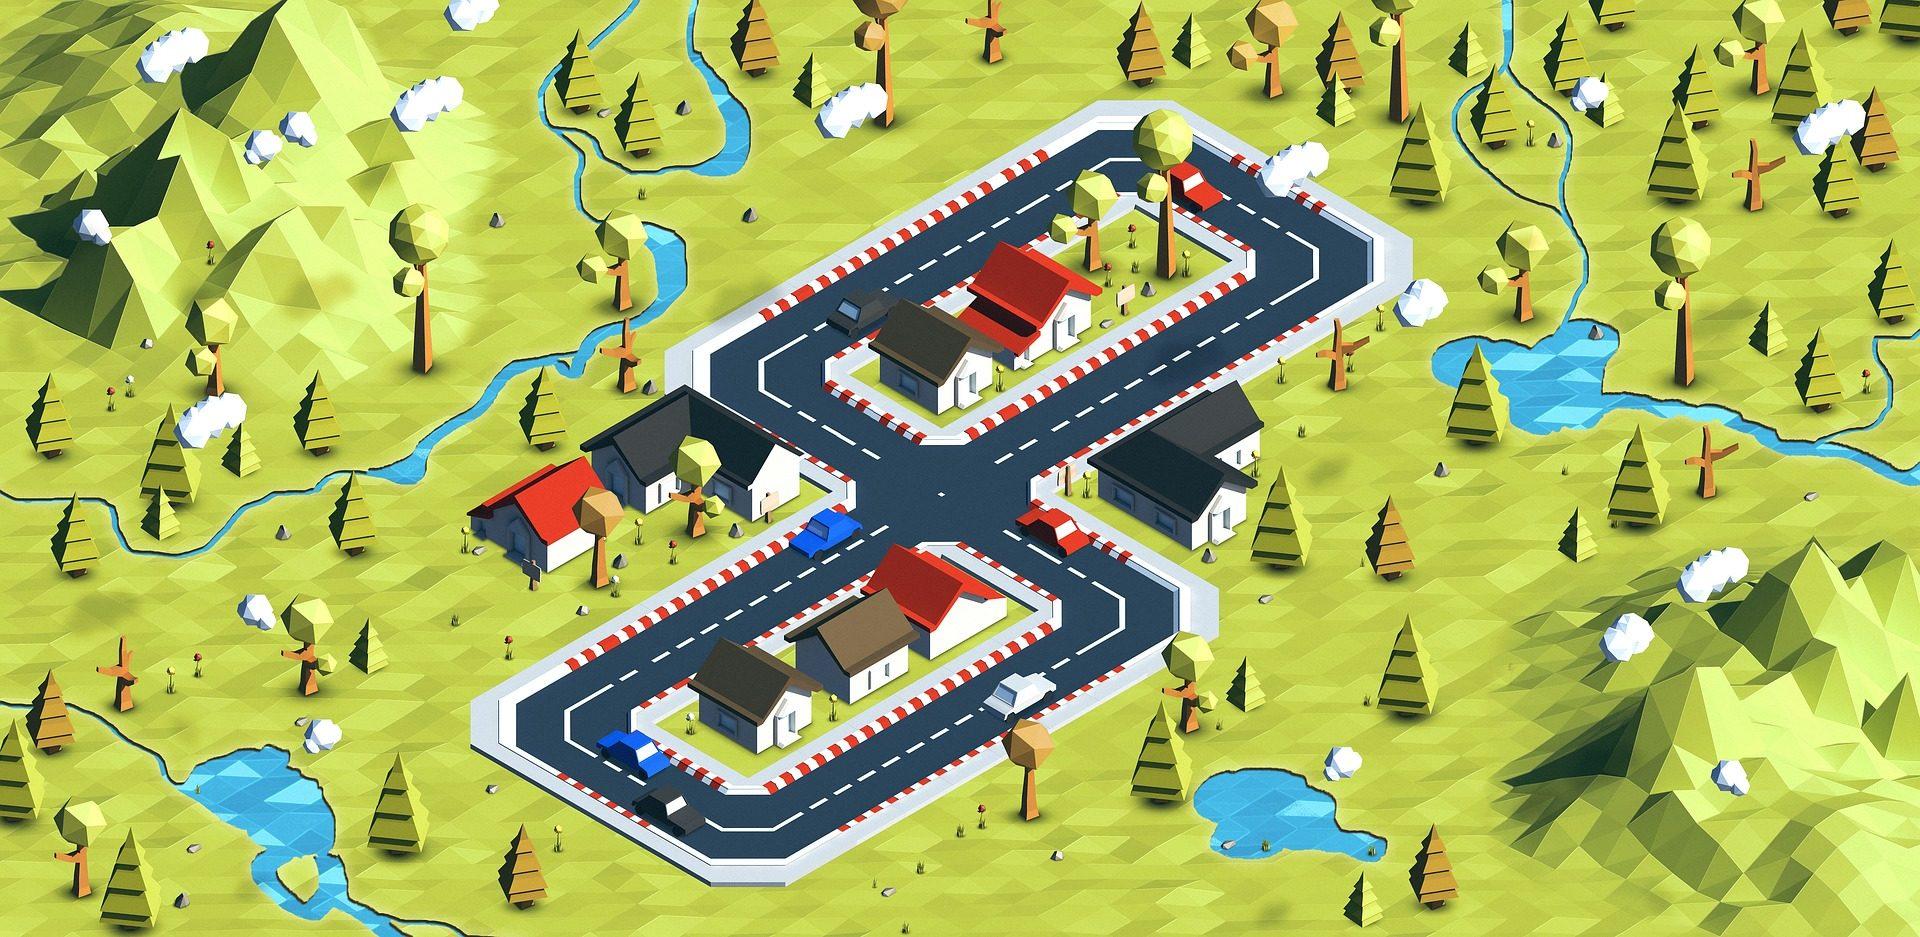 游戏, 城市, 别墅, 多边形, 等距, 地图, 房屋 - 高清壁纸 - 教授-falken.com